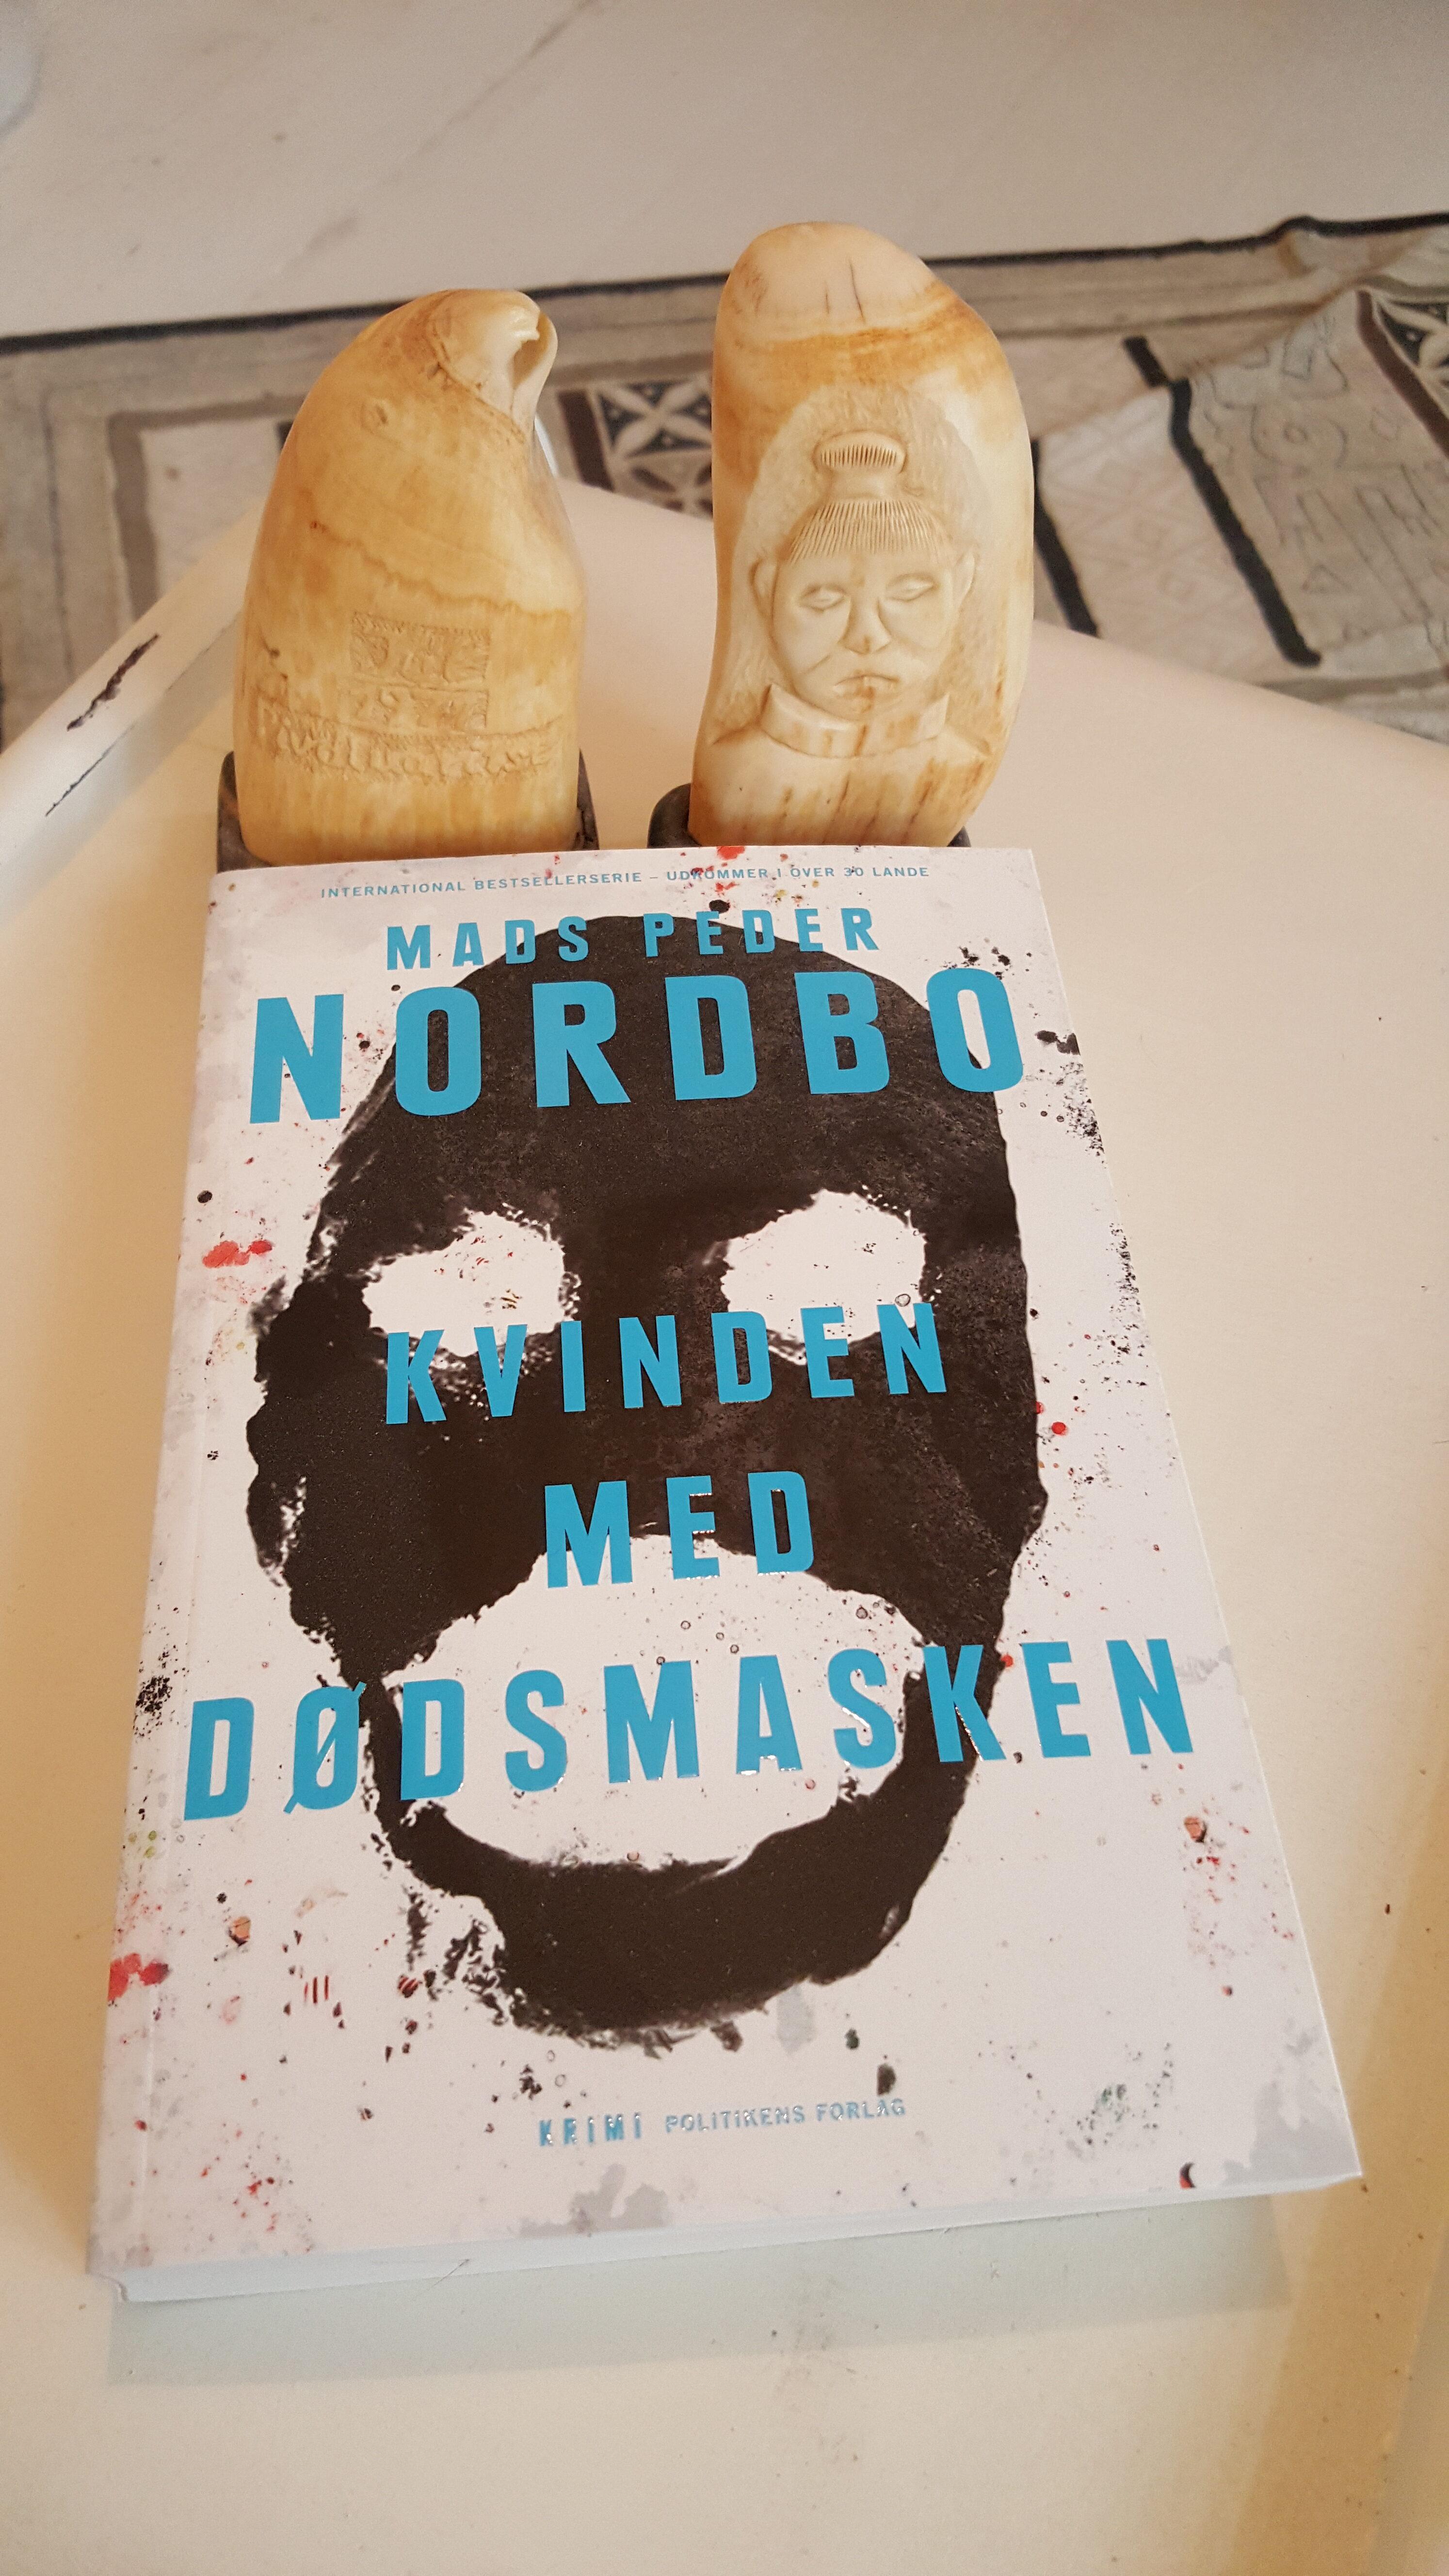 Kvinden med dødsmasken af Mads Peder Nordbo